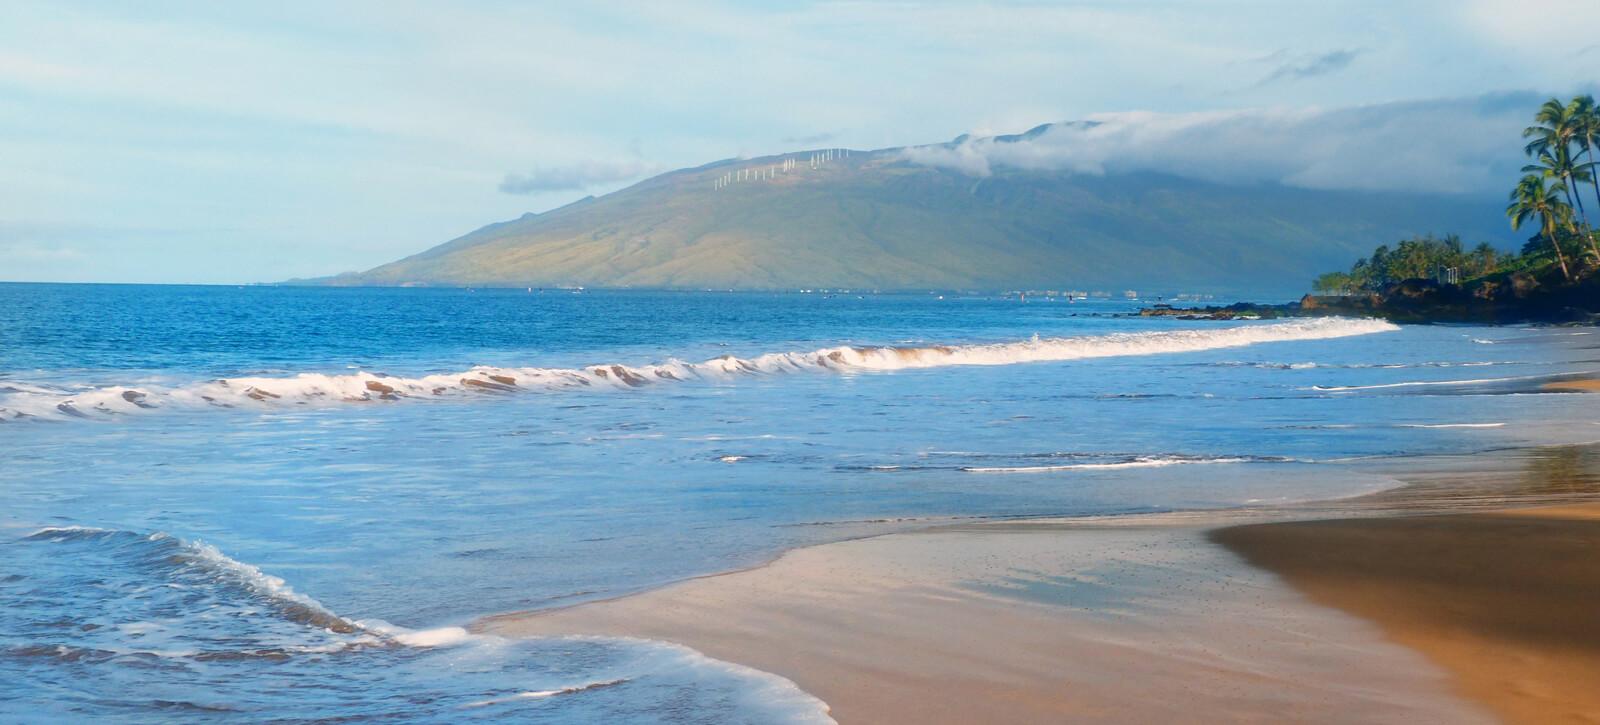 hawaii beach image with waves